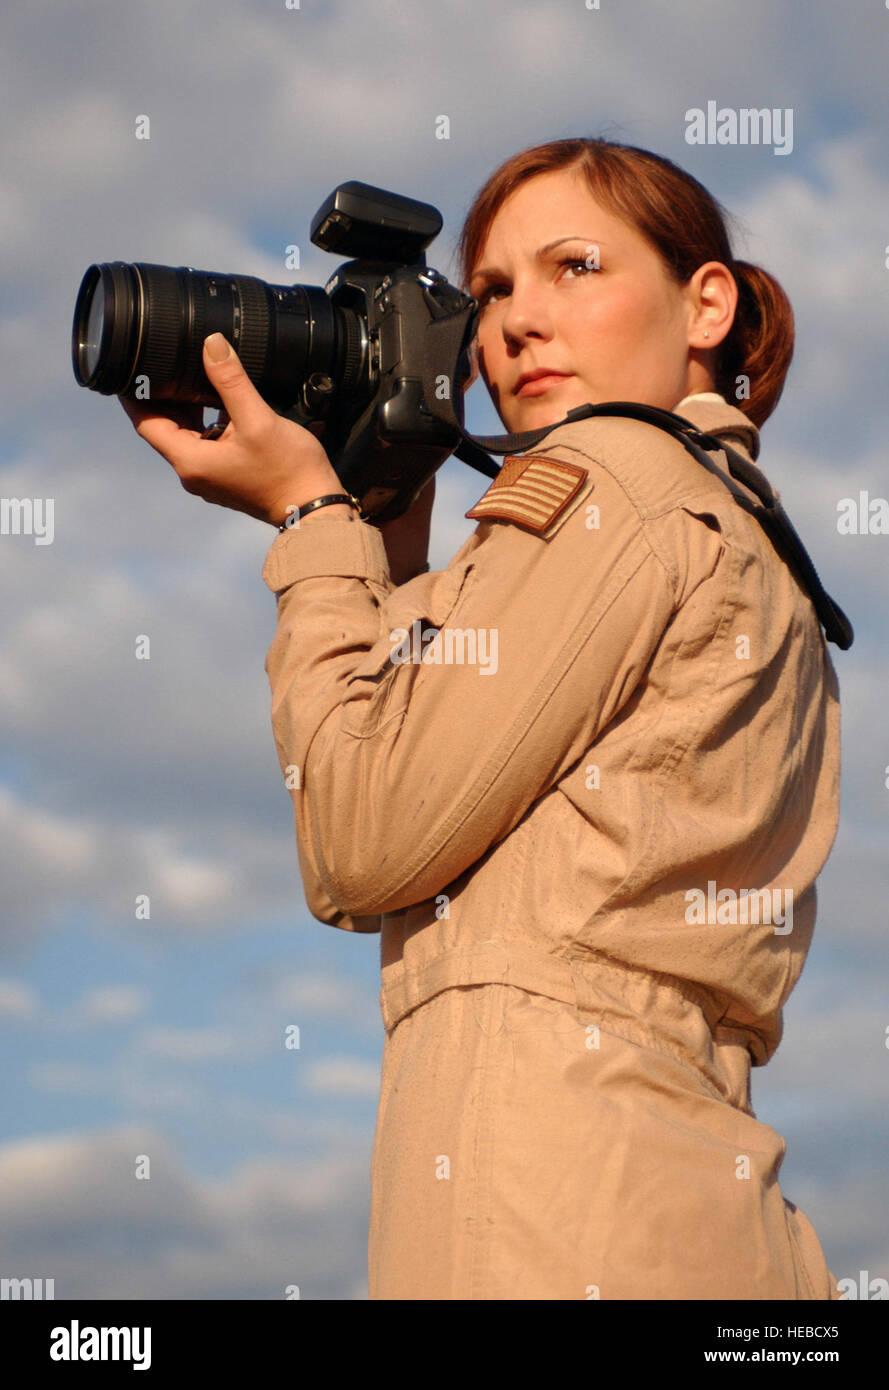 US Air Force (USAF) Staff Sergeant (SSGT) Stacy L. Pearsall, Aerial Photograph, 1st Combat Kamera Squadron (CTCS), Charleston Air Force Base (AFB), South Carolina (SC), posiert für Fotos vor dem 1 CTCS Gebäude als Anerkennung für ihr die 2004 militärische Fotograf (MILPHOG) des Jahres ausgezeichnet. Stockfoto